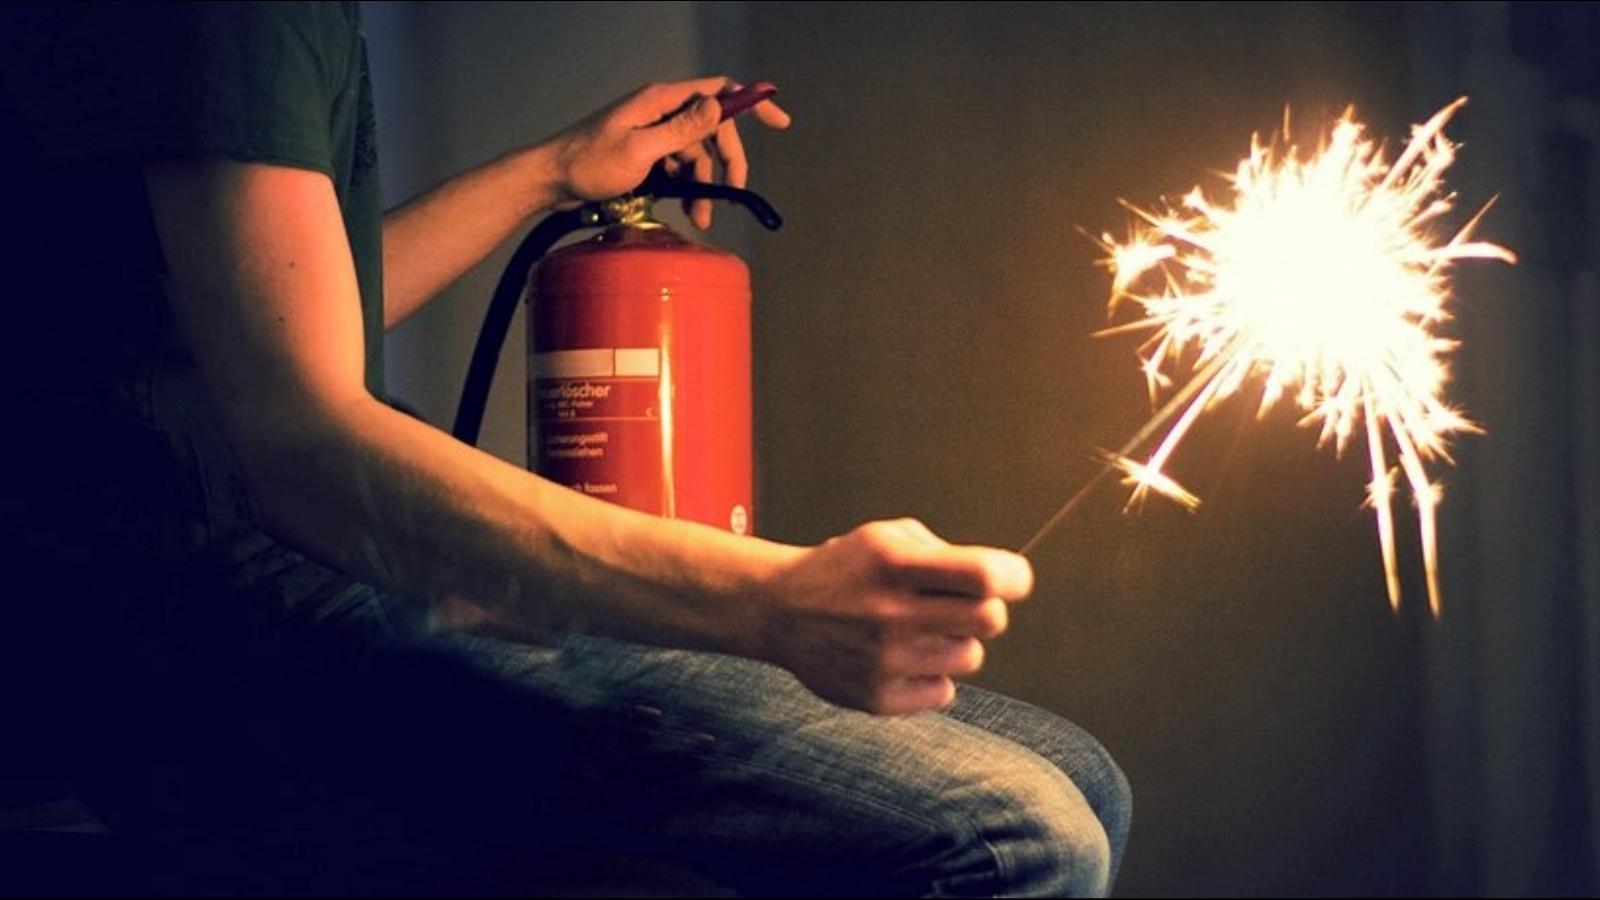 Жителям Волгодонского района напоминают о пожарной безопасности в новогодние праздники